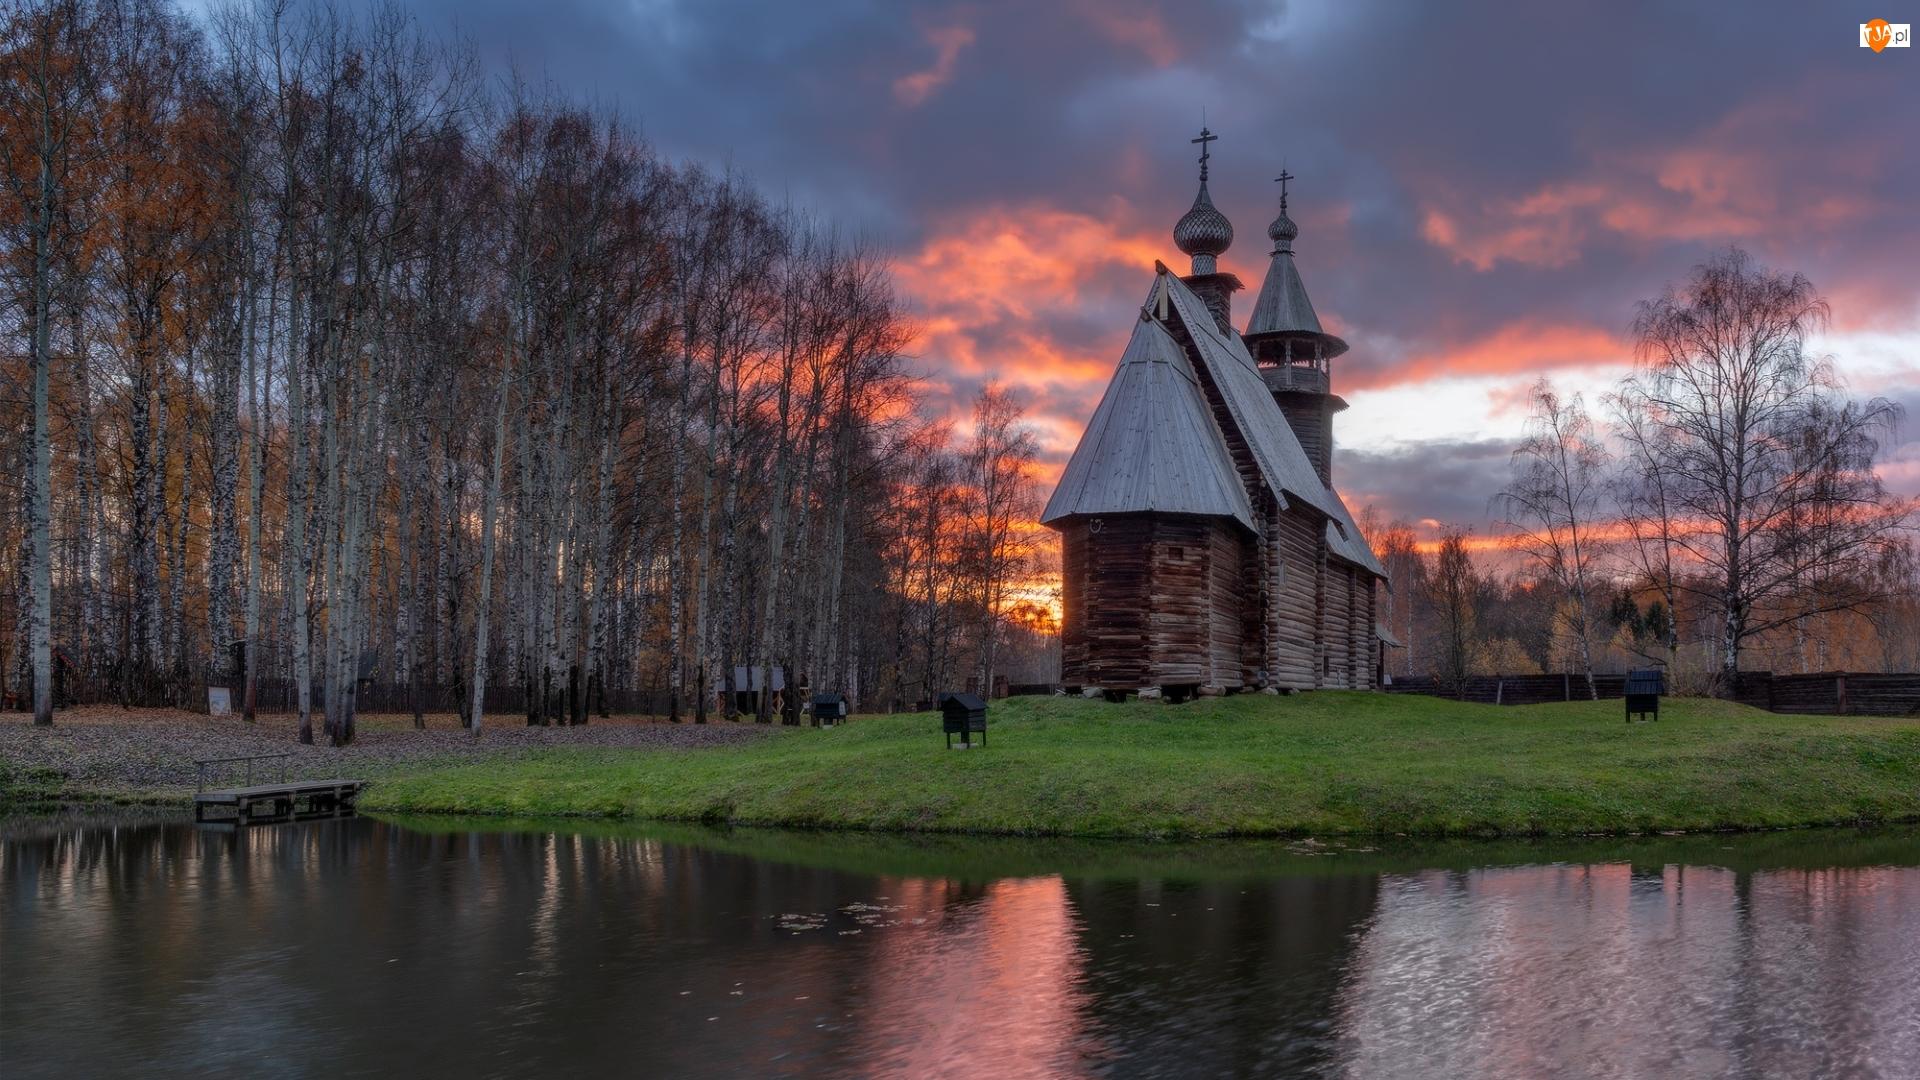 Cerkiew, Rzeka, Rosja, Drewniana, Kostroma, Brzozy, Drzewa